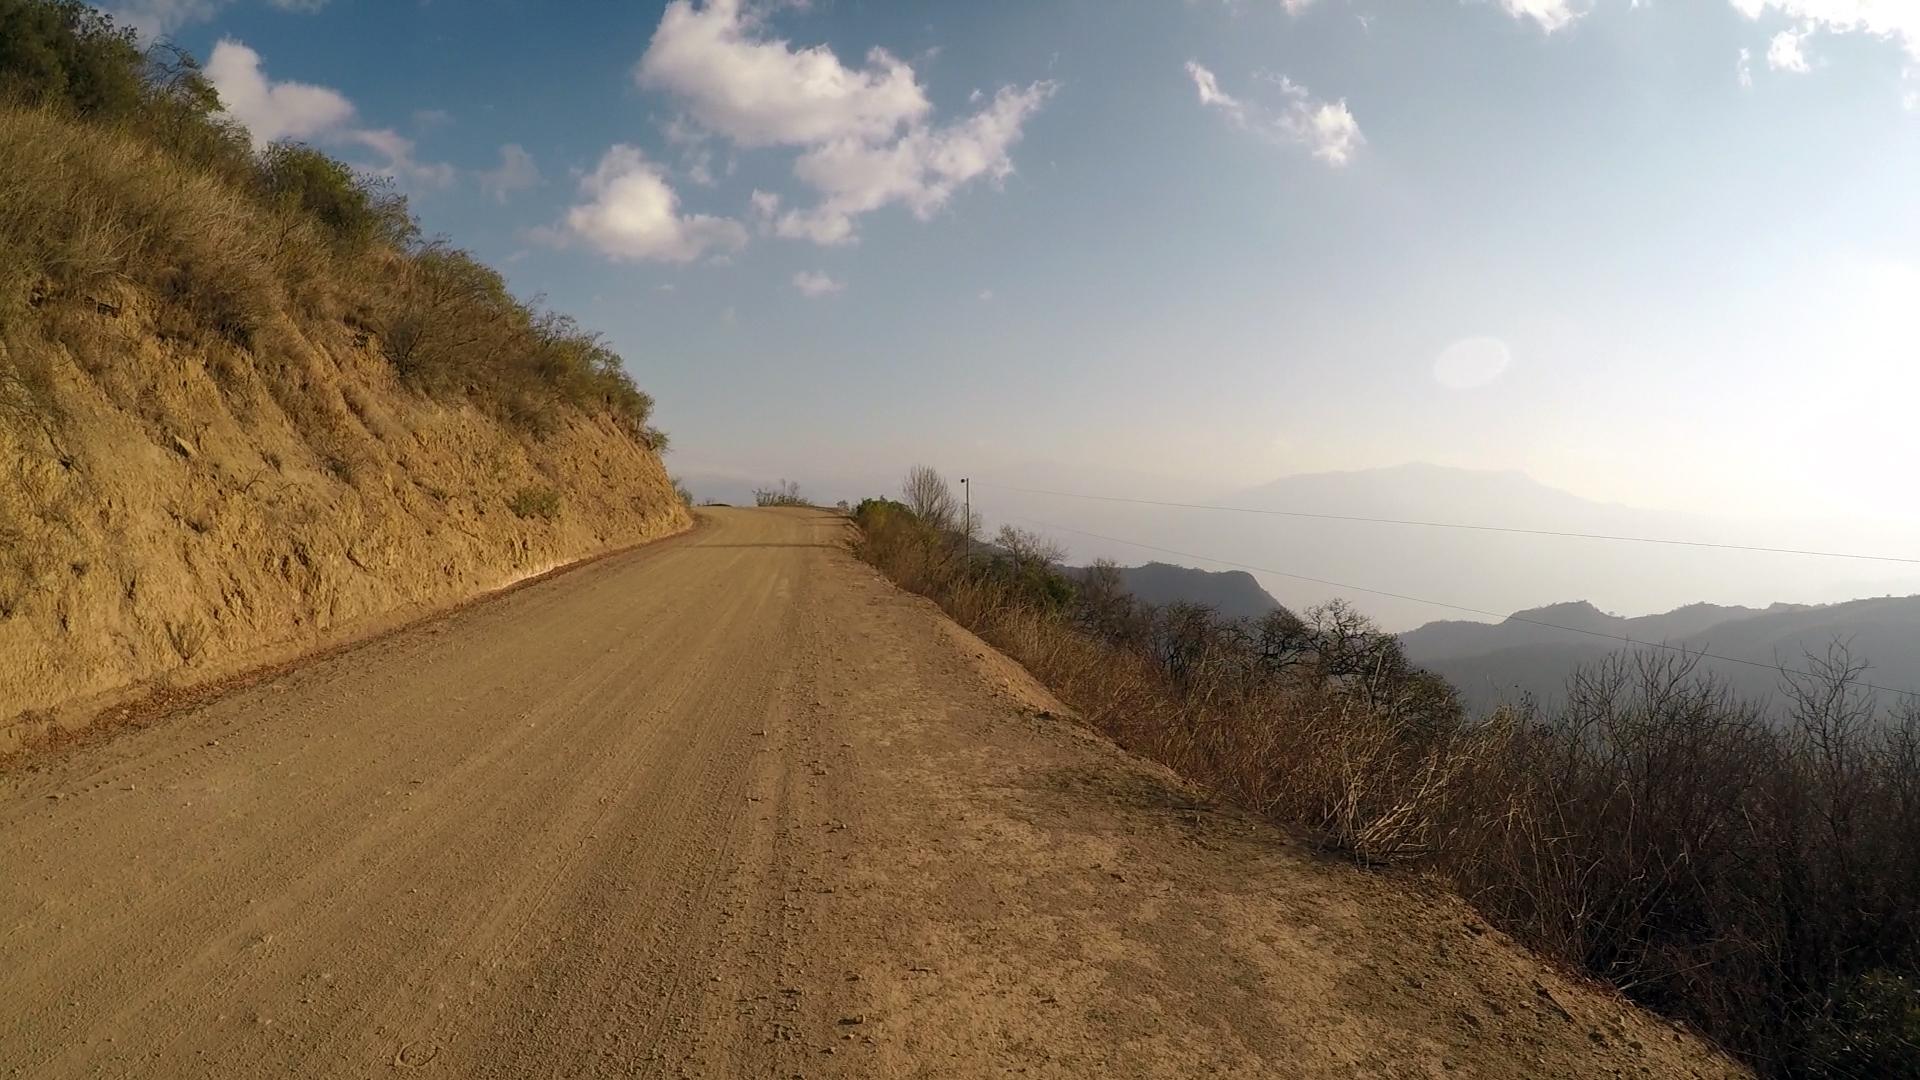 ruta la higuera pablocaminante - Ruta del Che 2/2, La Higuera